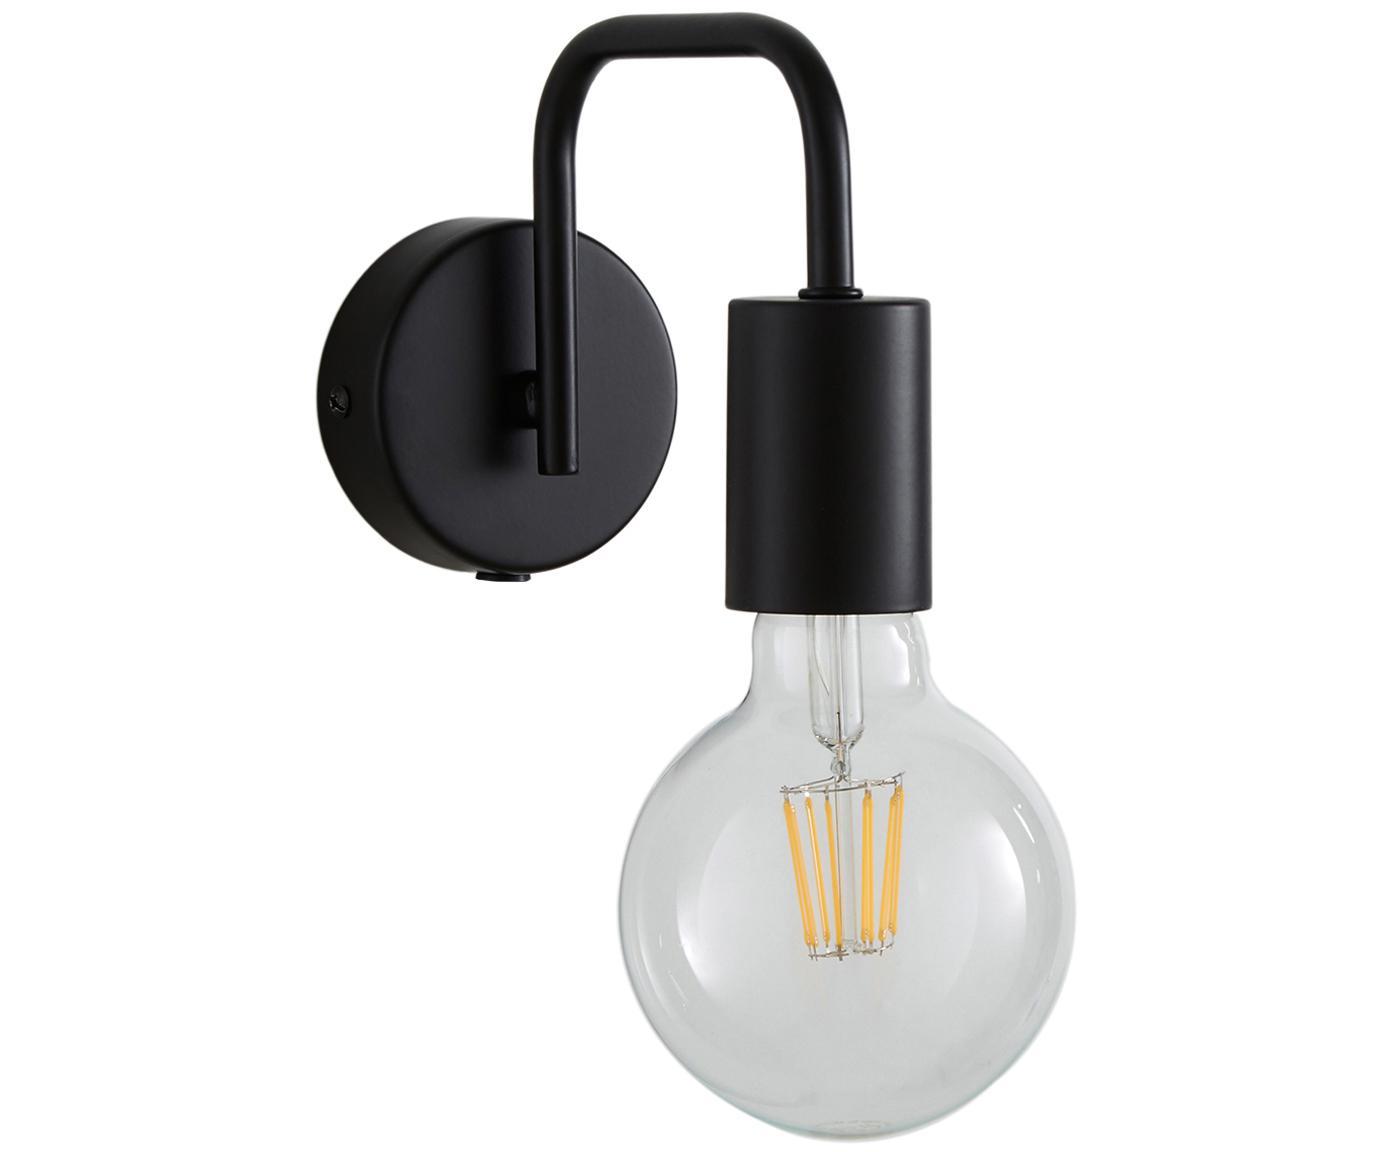 Wandlamp Flow met stekker, Baldakijn: gepoedercoat metaal, Baldakijn: mat zwart. Snoer: zwart, 8 x 12 cm